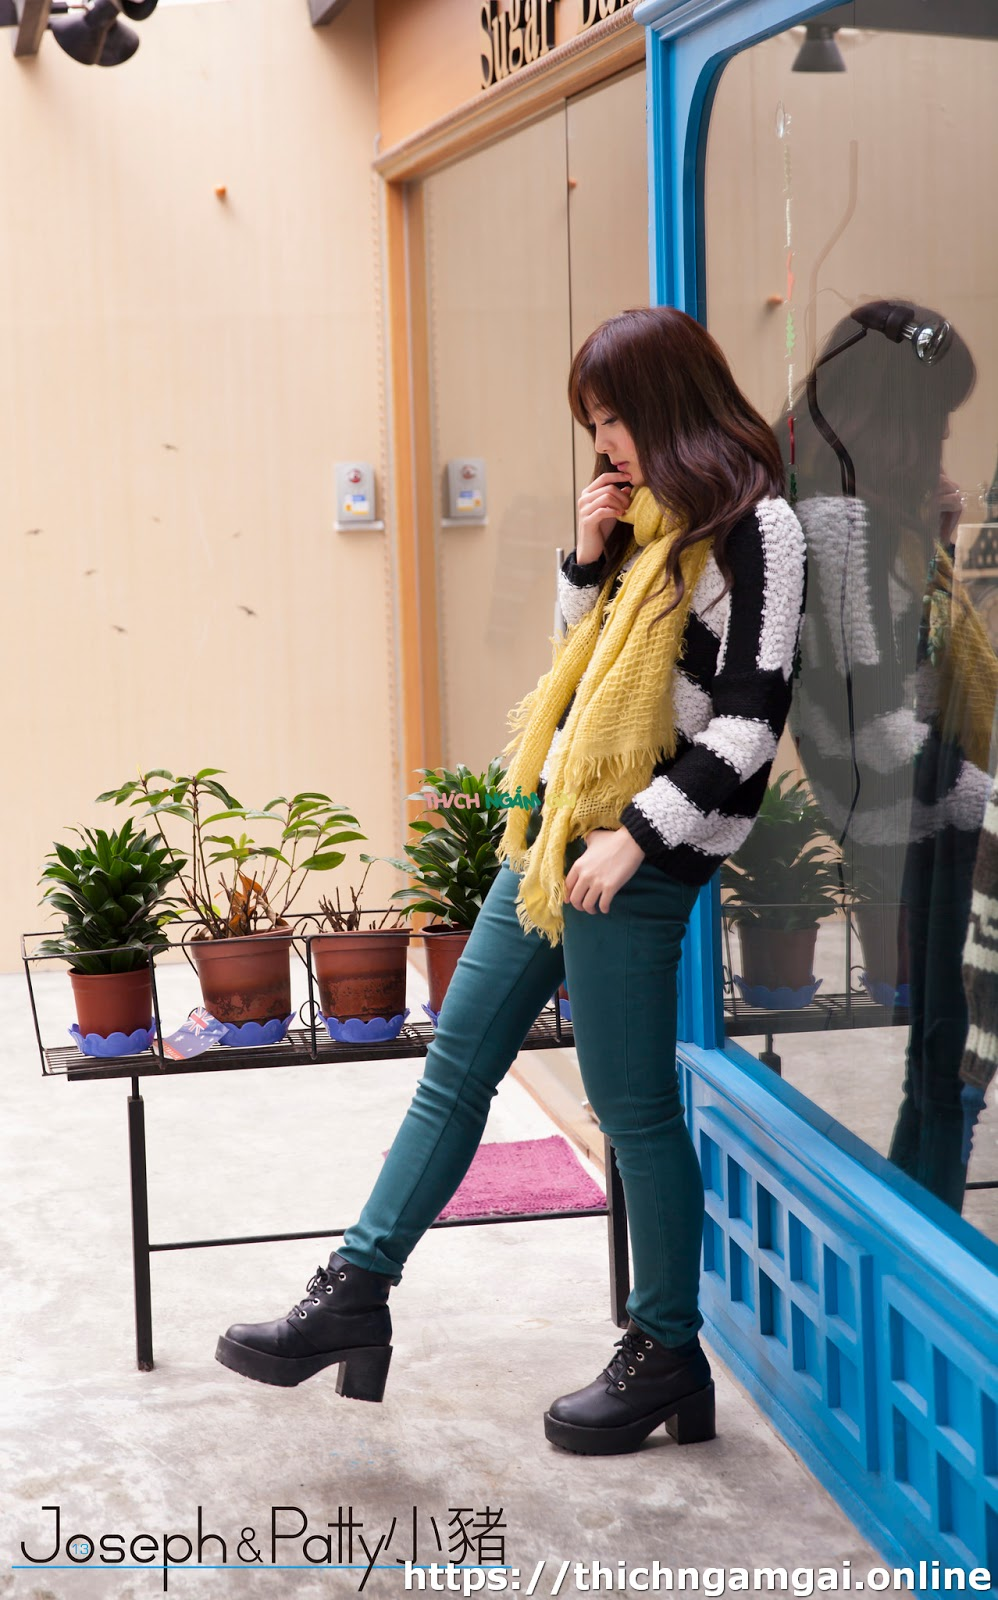 Thích Ngắm Gái 287.%2B_MG_0453%2B%2528Large%2B2048%2529 Tuyển Tập Girls Xinh Việt Nam (Phần 70)